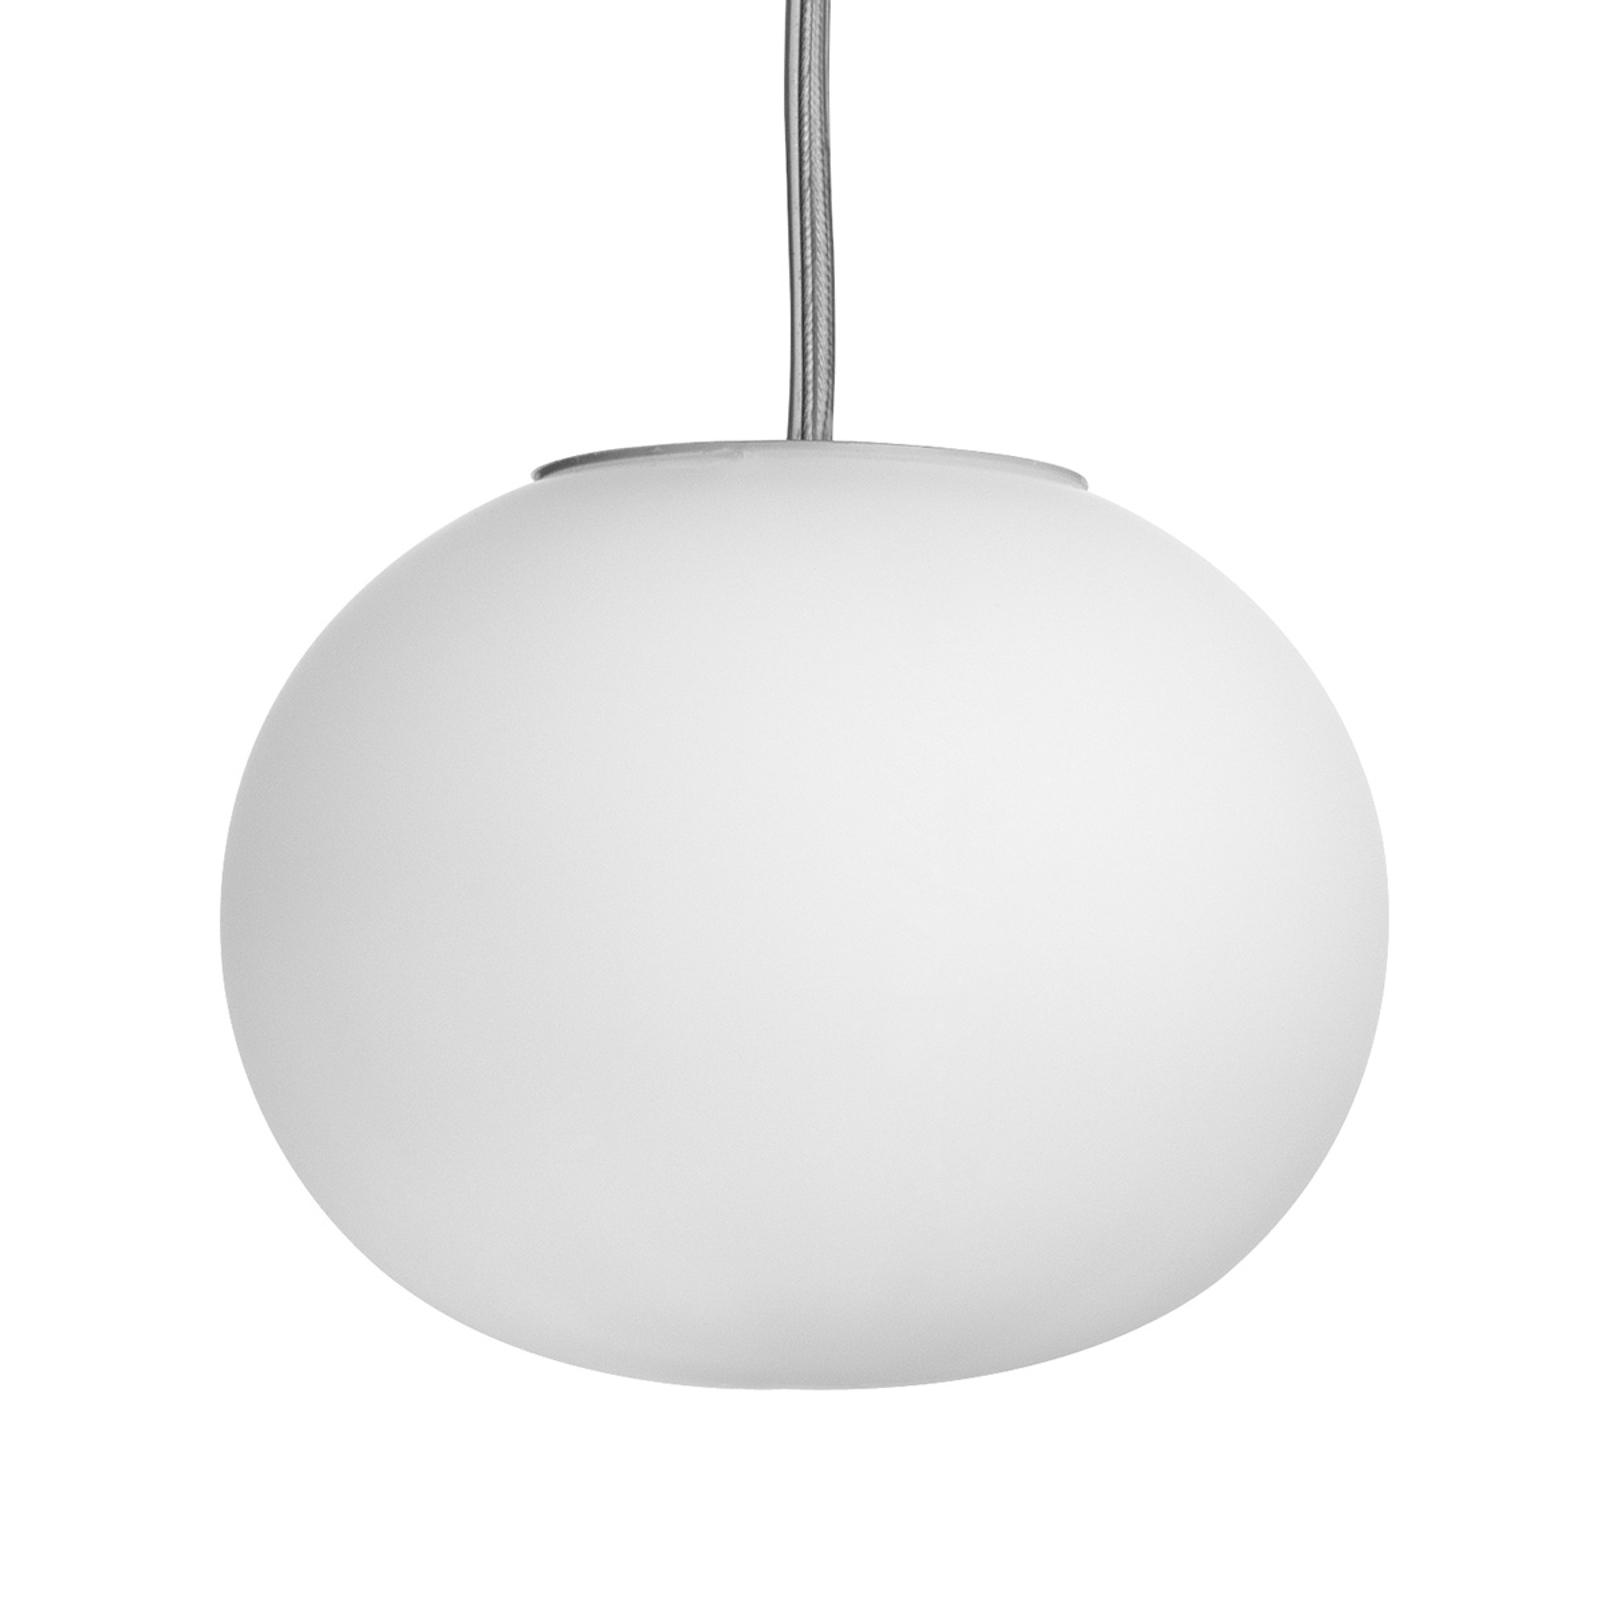 Klotformad hänglampa MINI, GLO-BALL S